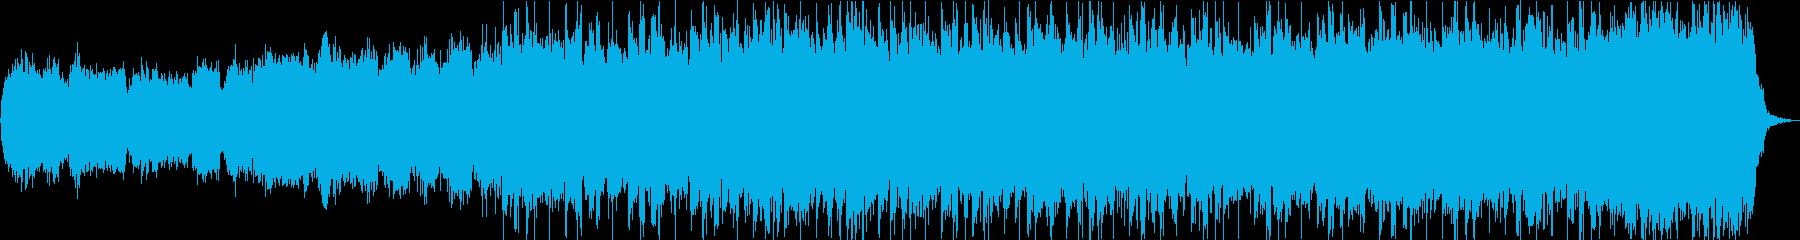 ストリングスをメインにした感動的なBGMの再生済みの波形